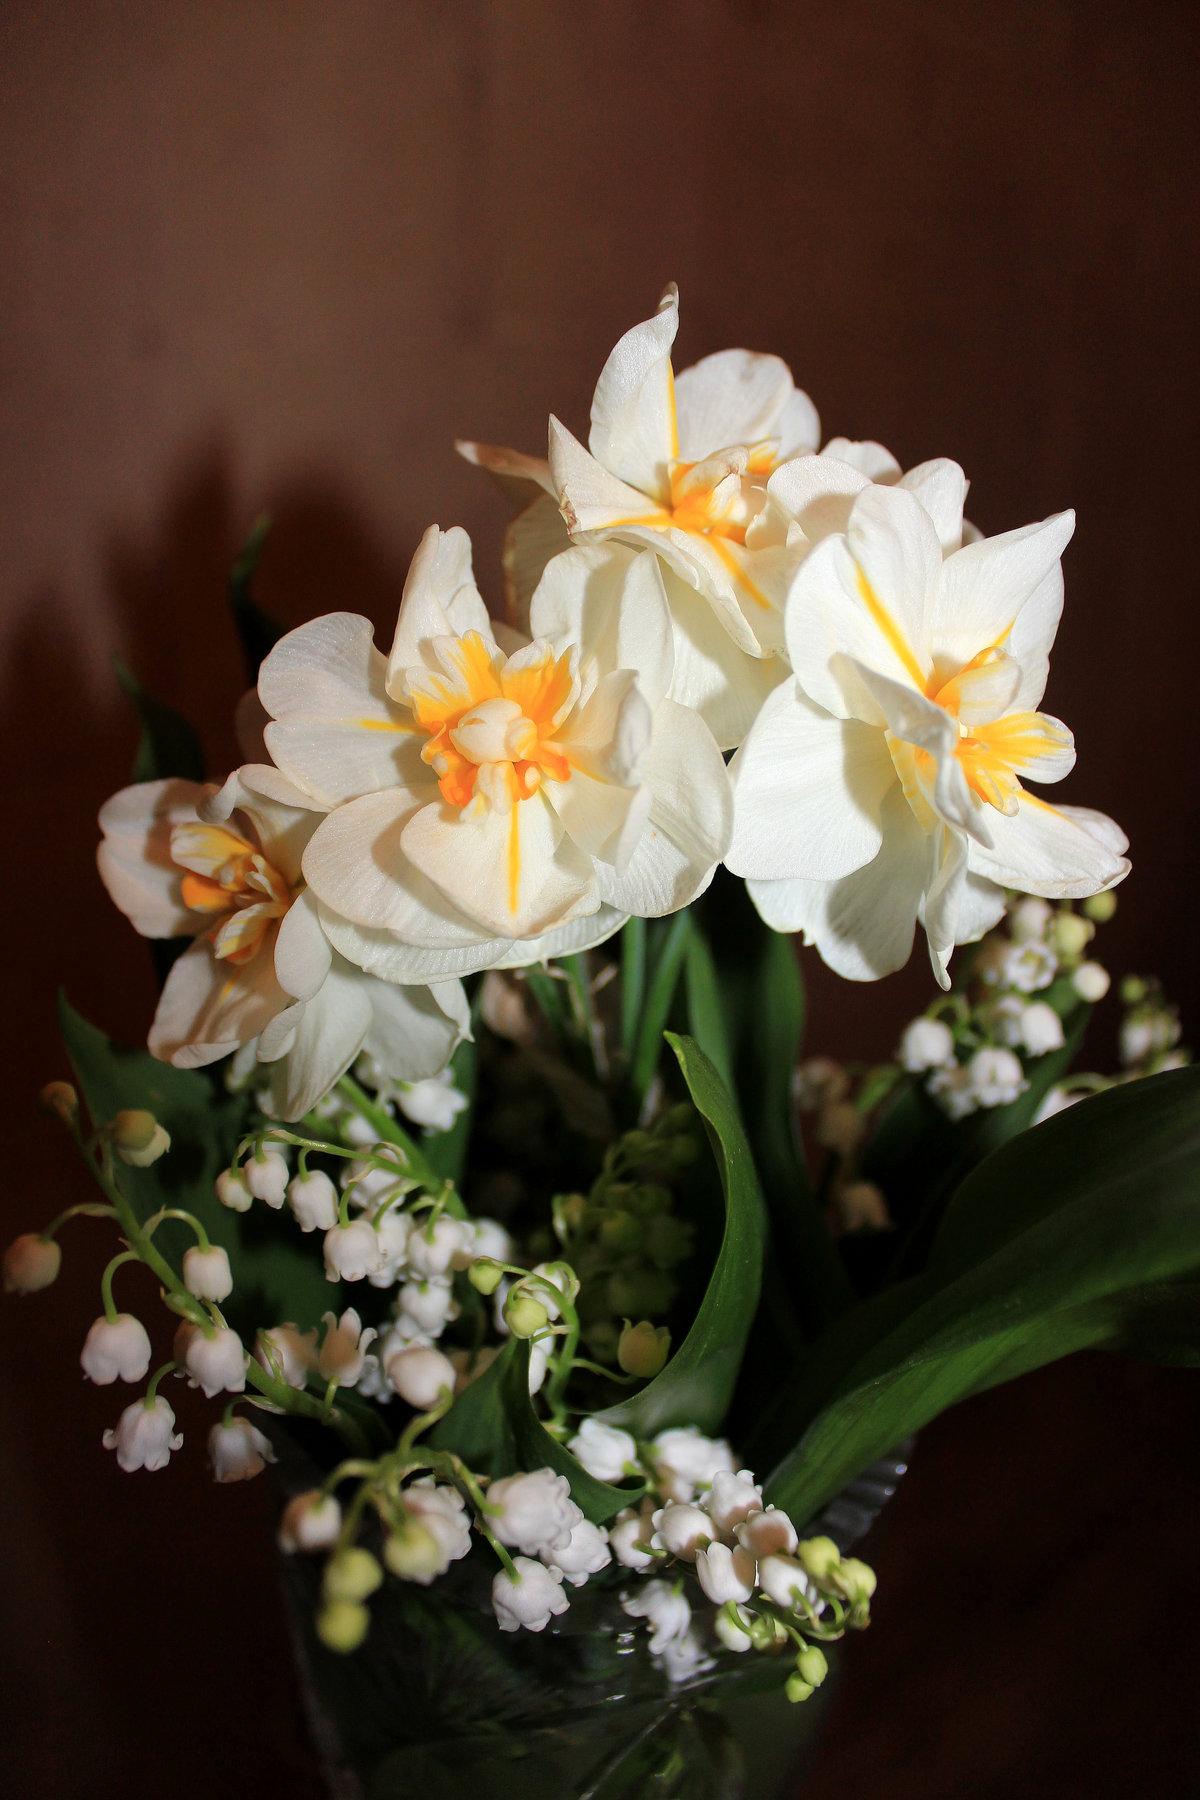 картинка цветы ландыши нарциссы лилии можно заказать сайдинг